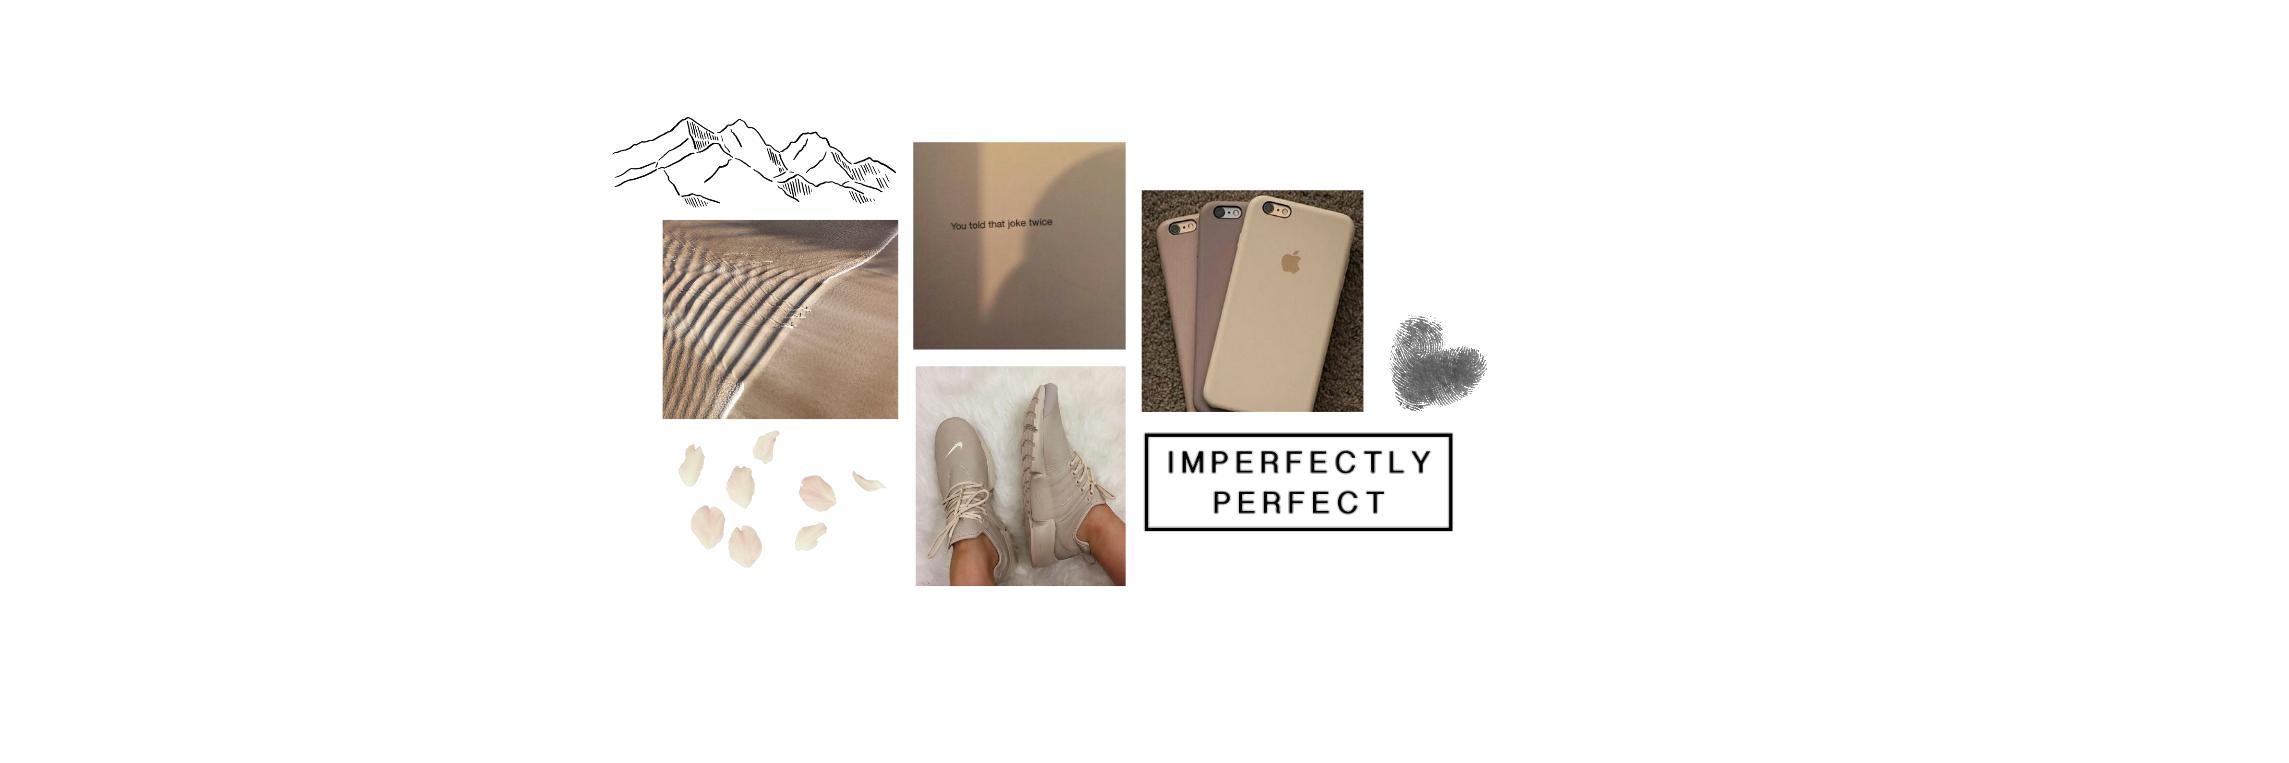 Freetoedit Beige Aesthetic Header Twitterpack Collage...